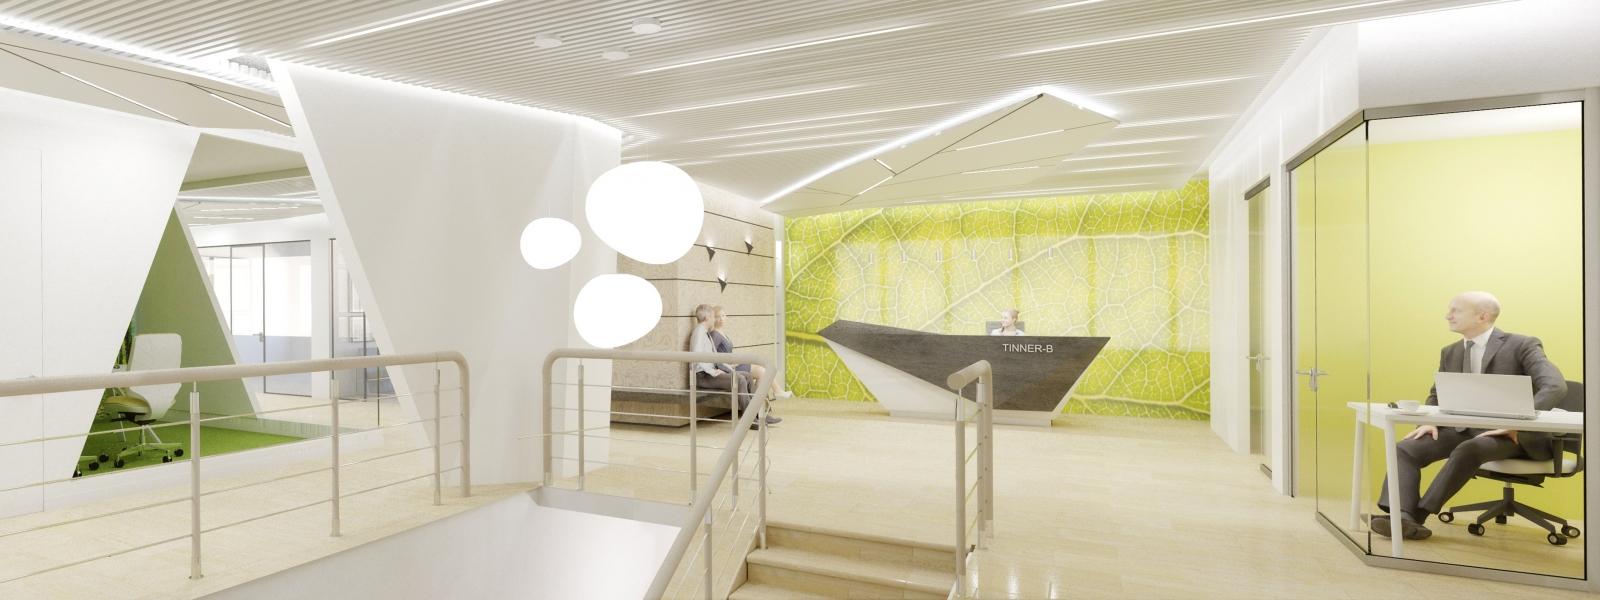 """work-Дизайн-проект офисных помещений группы компаний """"ТИННЕР-В"""""""